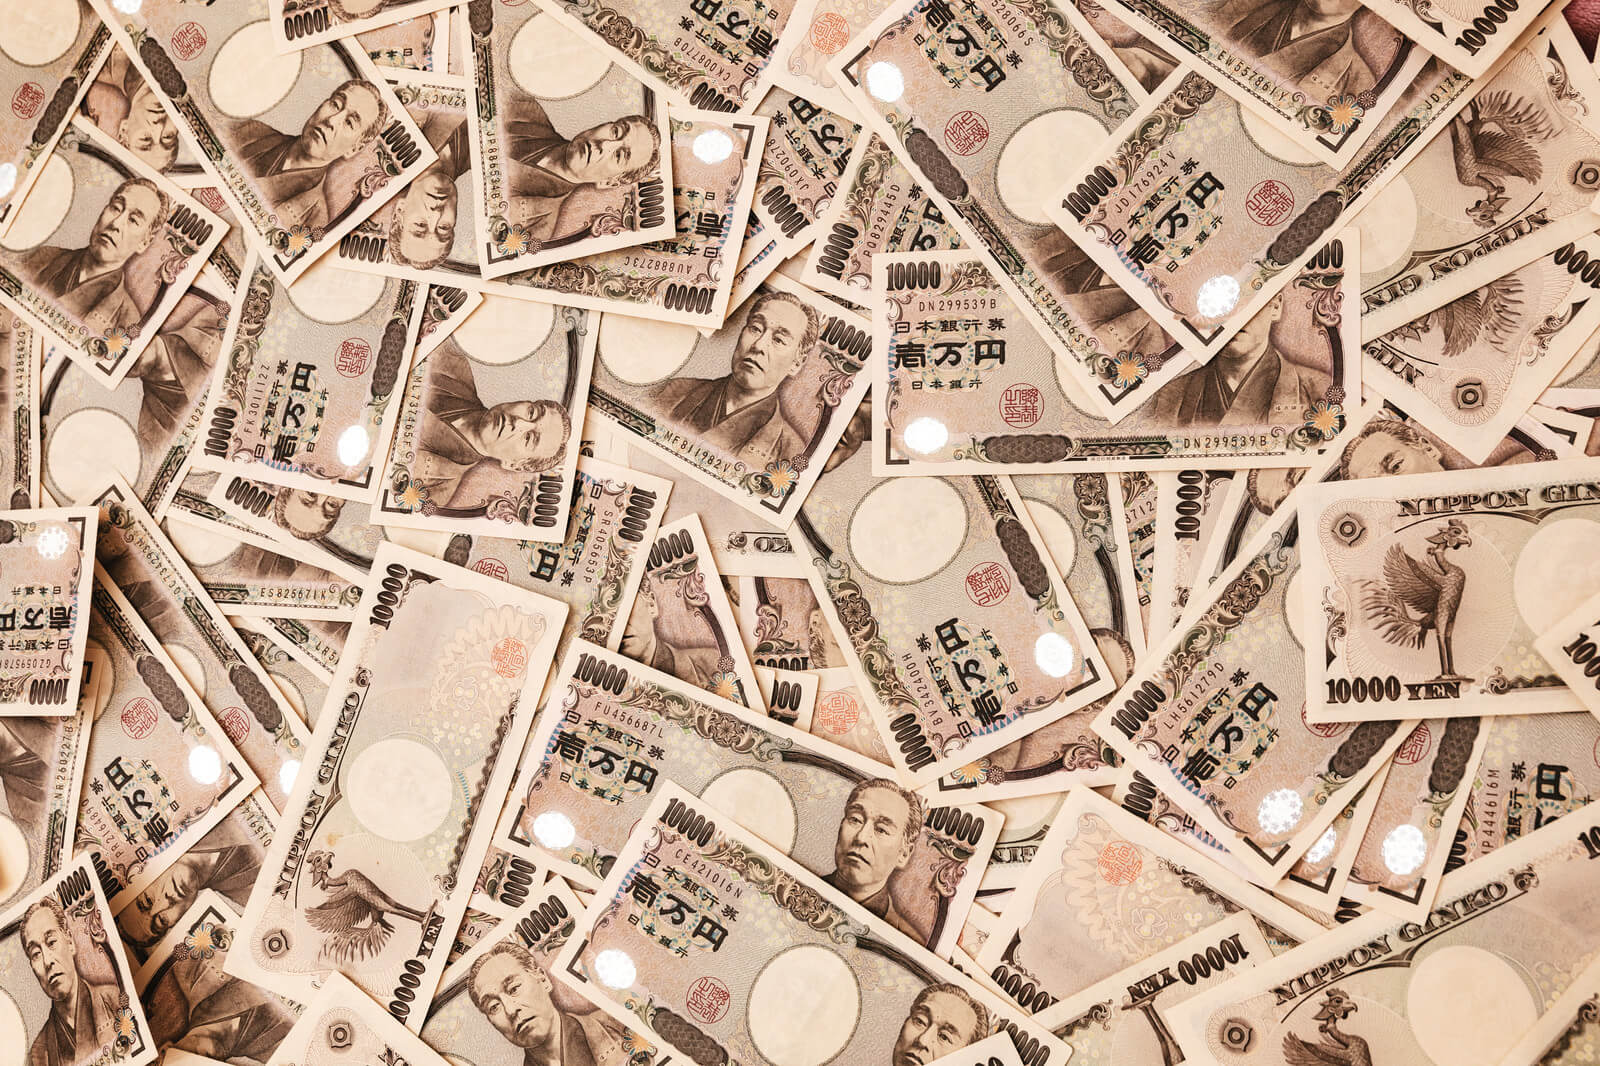 一万円札がばらまかれた画像